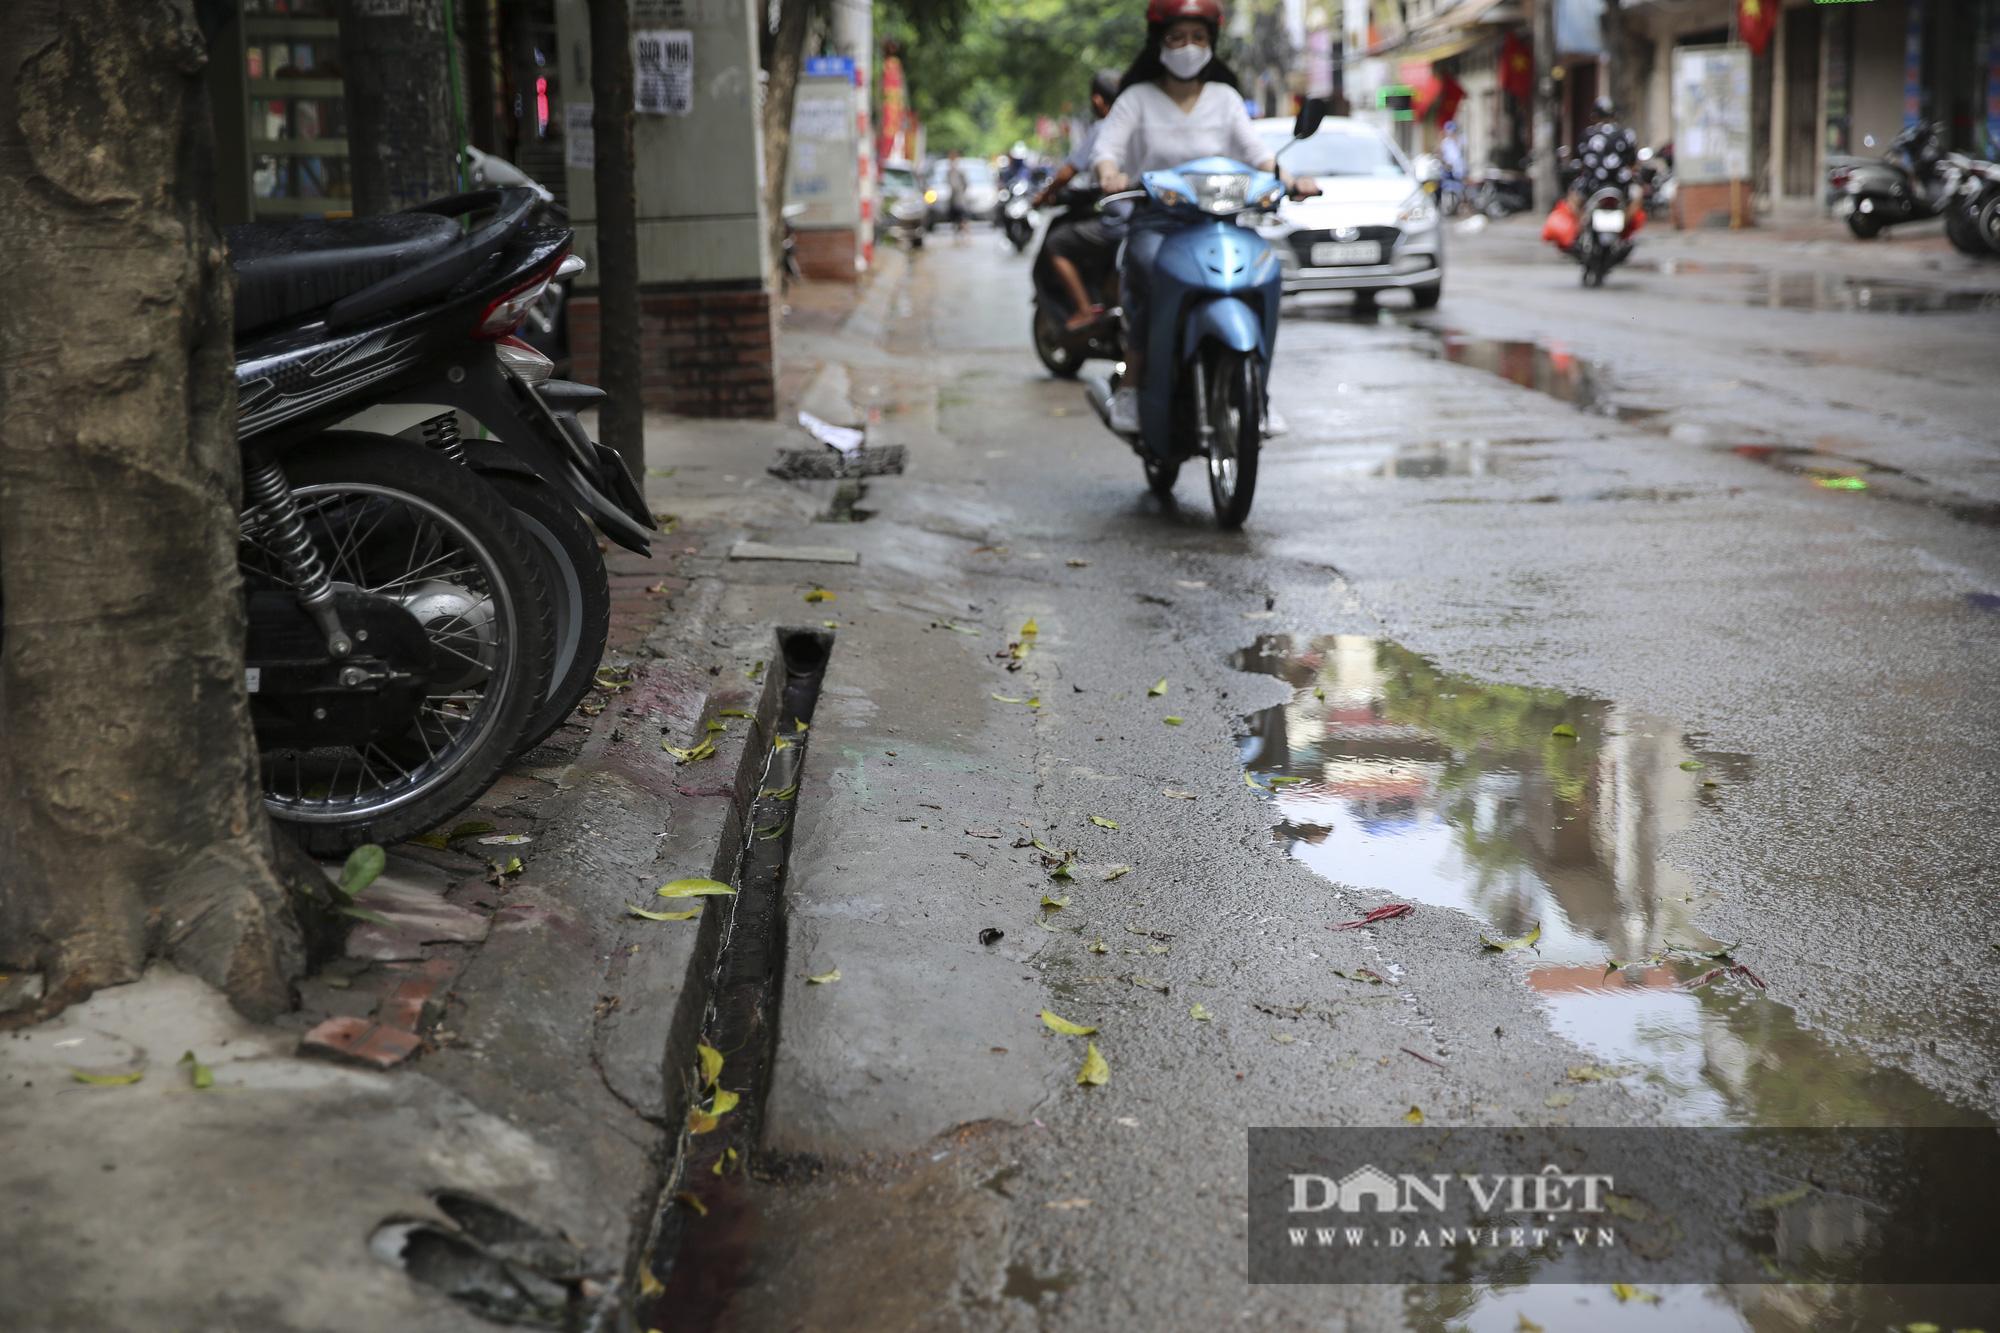 Hệ thống thoát nước bị xâm lấn, Hà Nội đứng trước nguy cơ ngập úng do mưa bão - Ảnh 9.